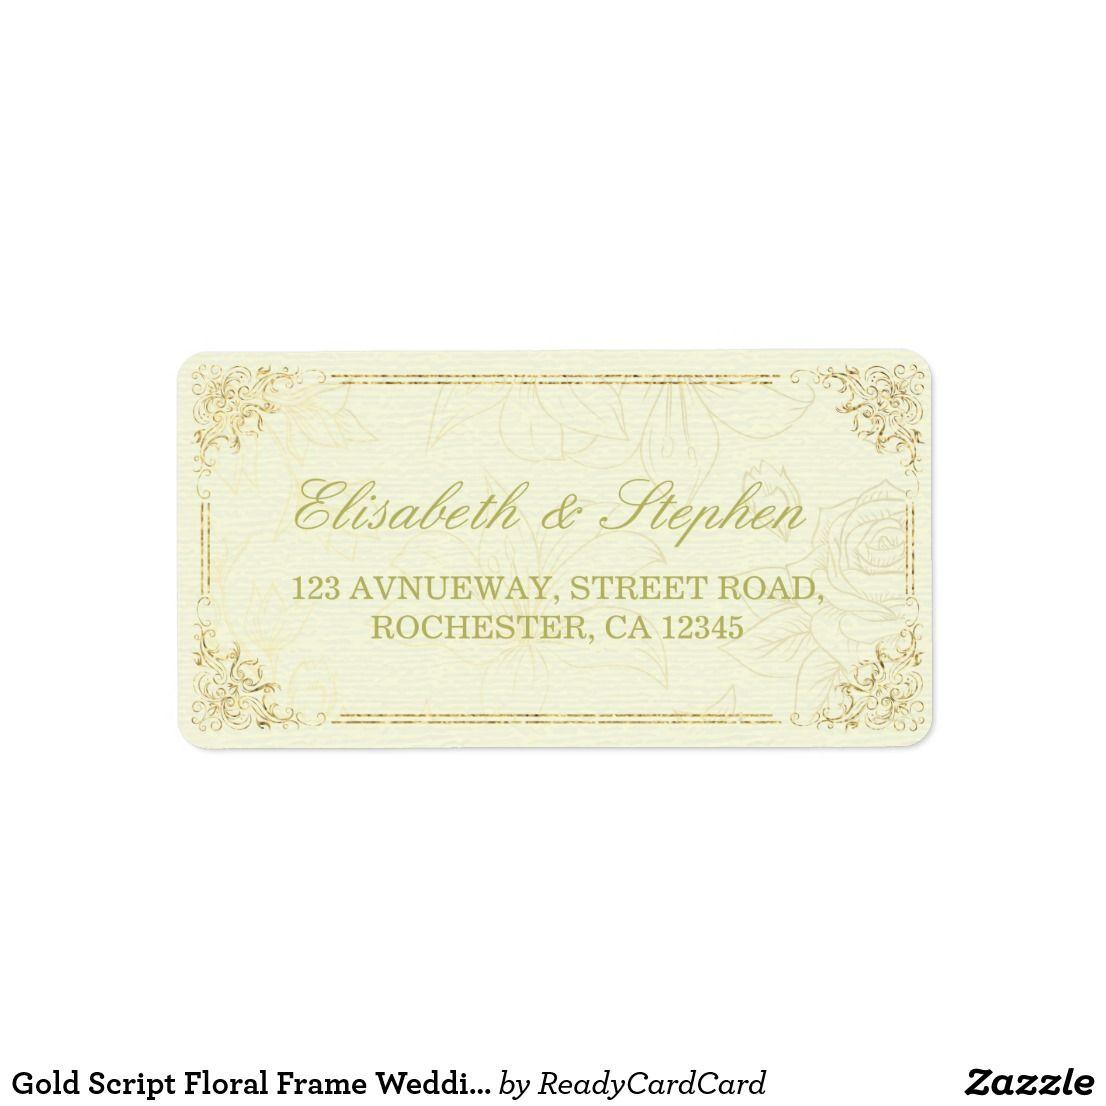 gold script floral frame wedding address label pinterest wedding